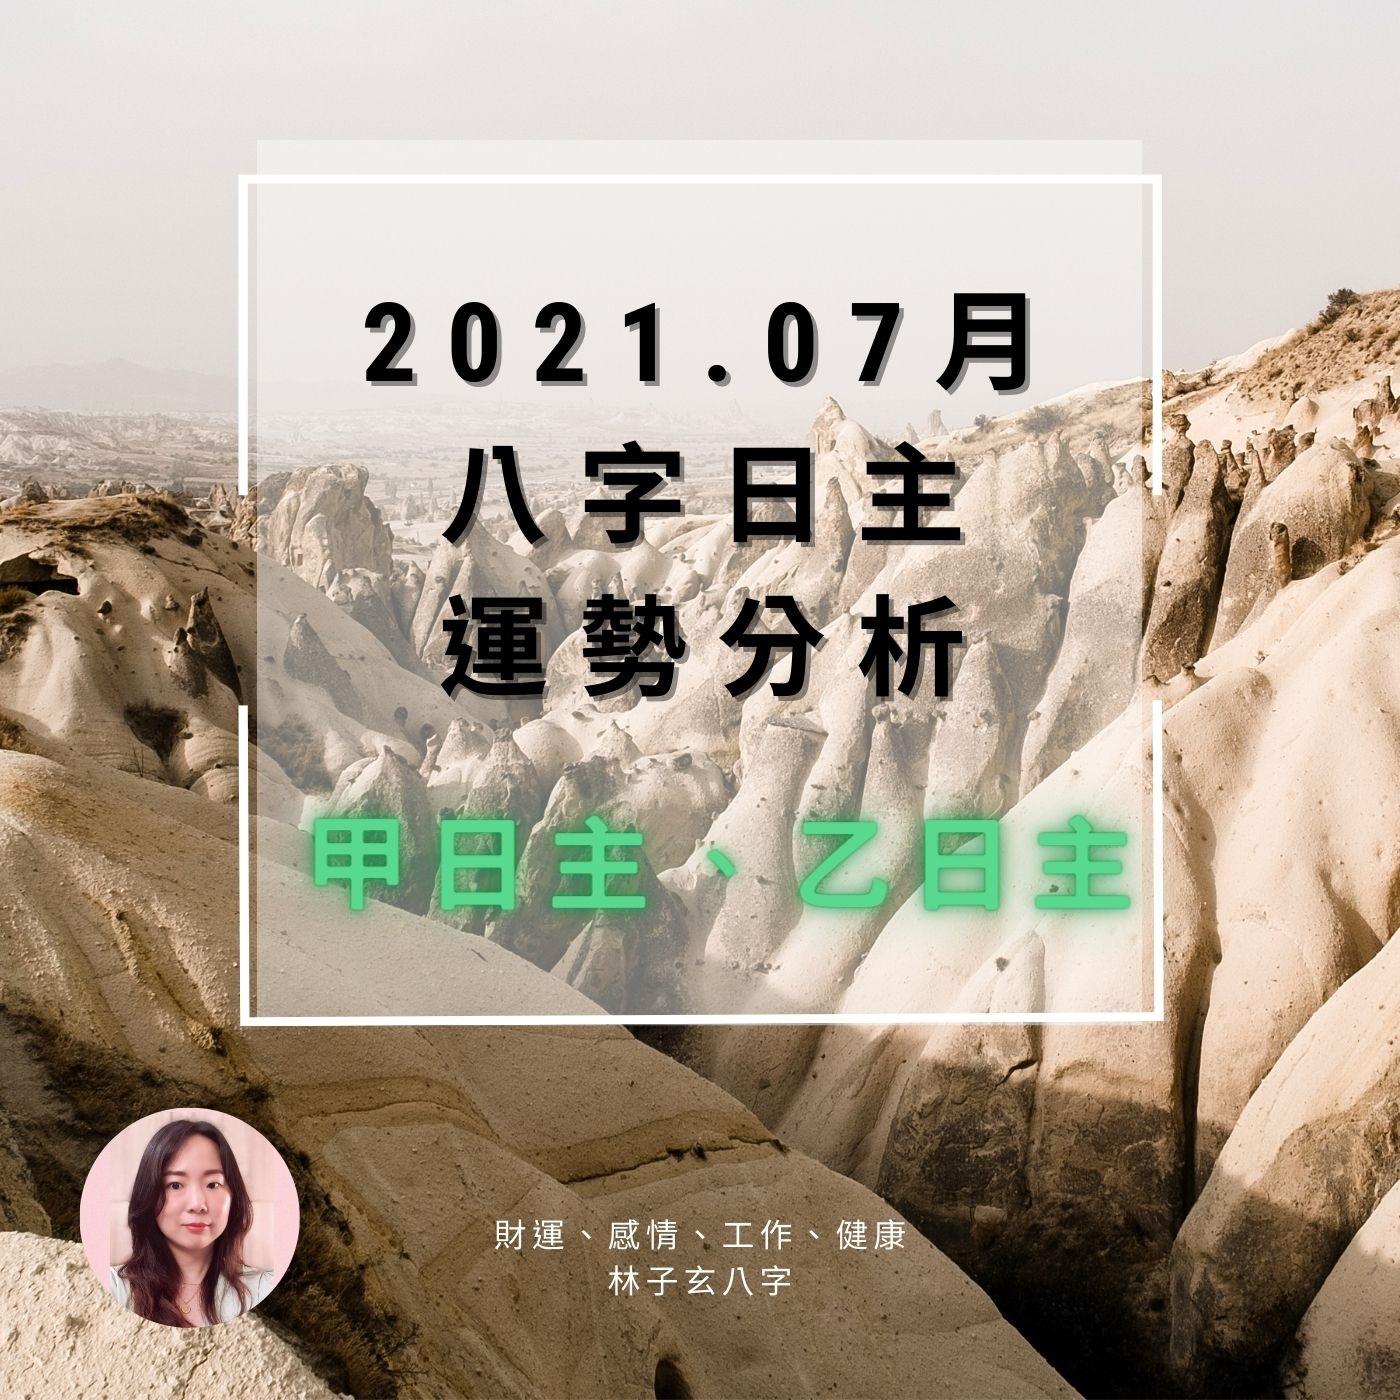 2021.07月辛丑年 八字日主運勢分析,甲日主、乙日主(07/07-08/06)